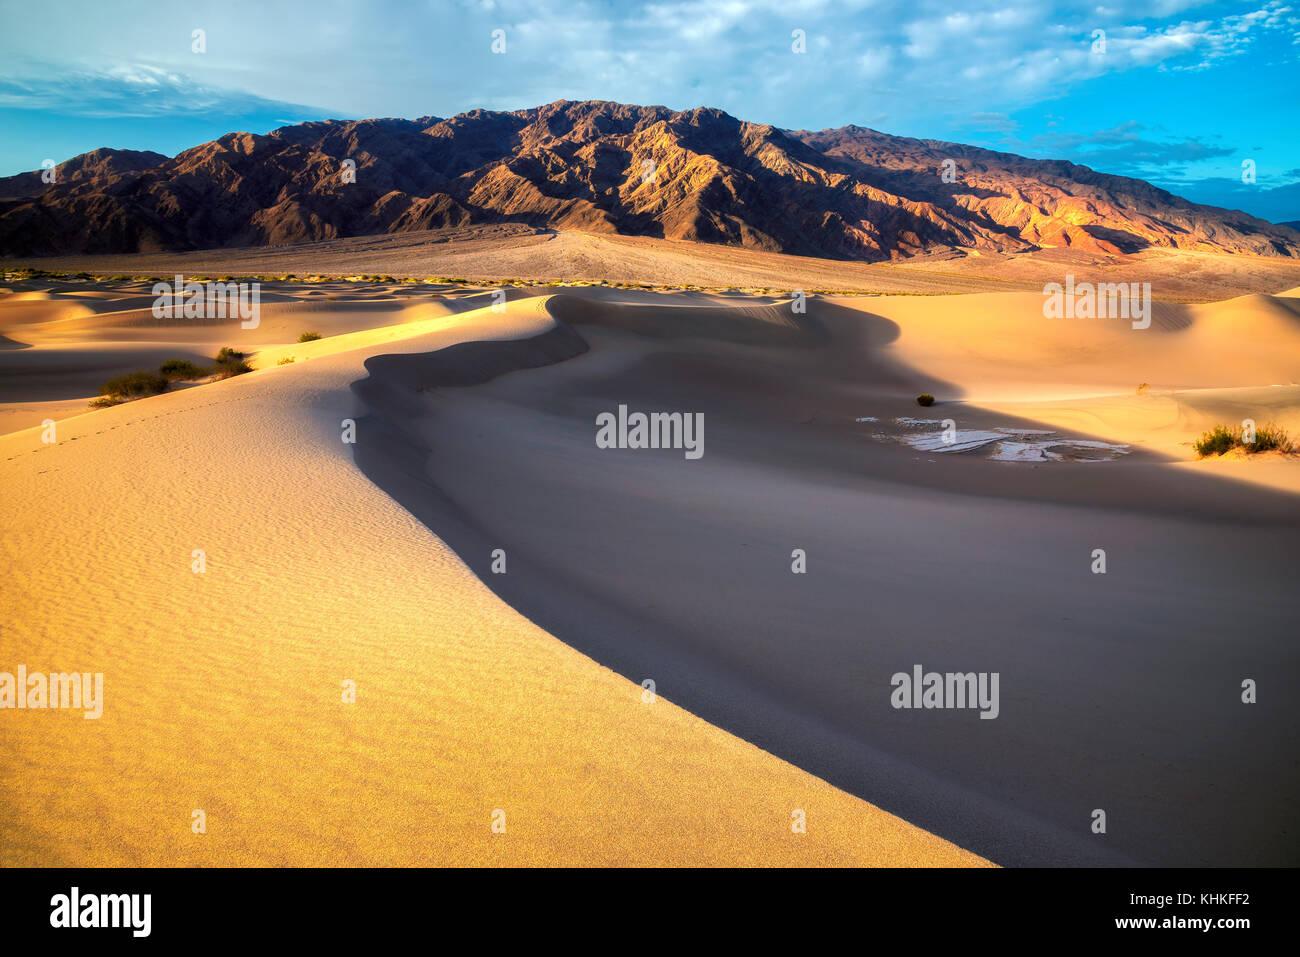 Sand dunes in the desert at sunrise Stock Photo